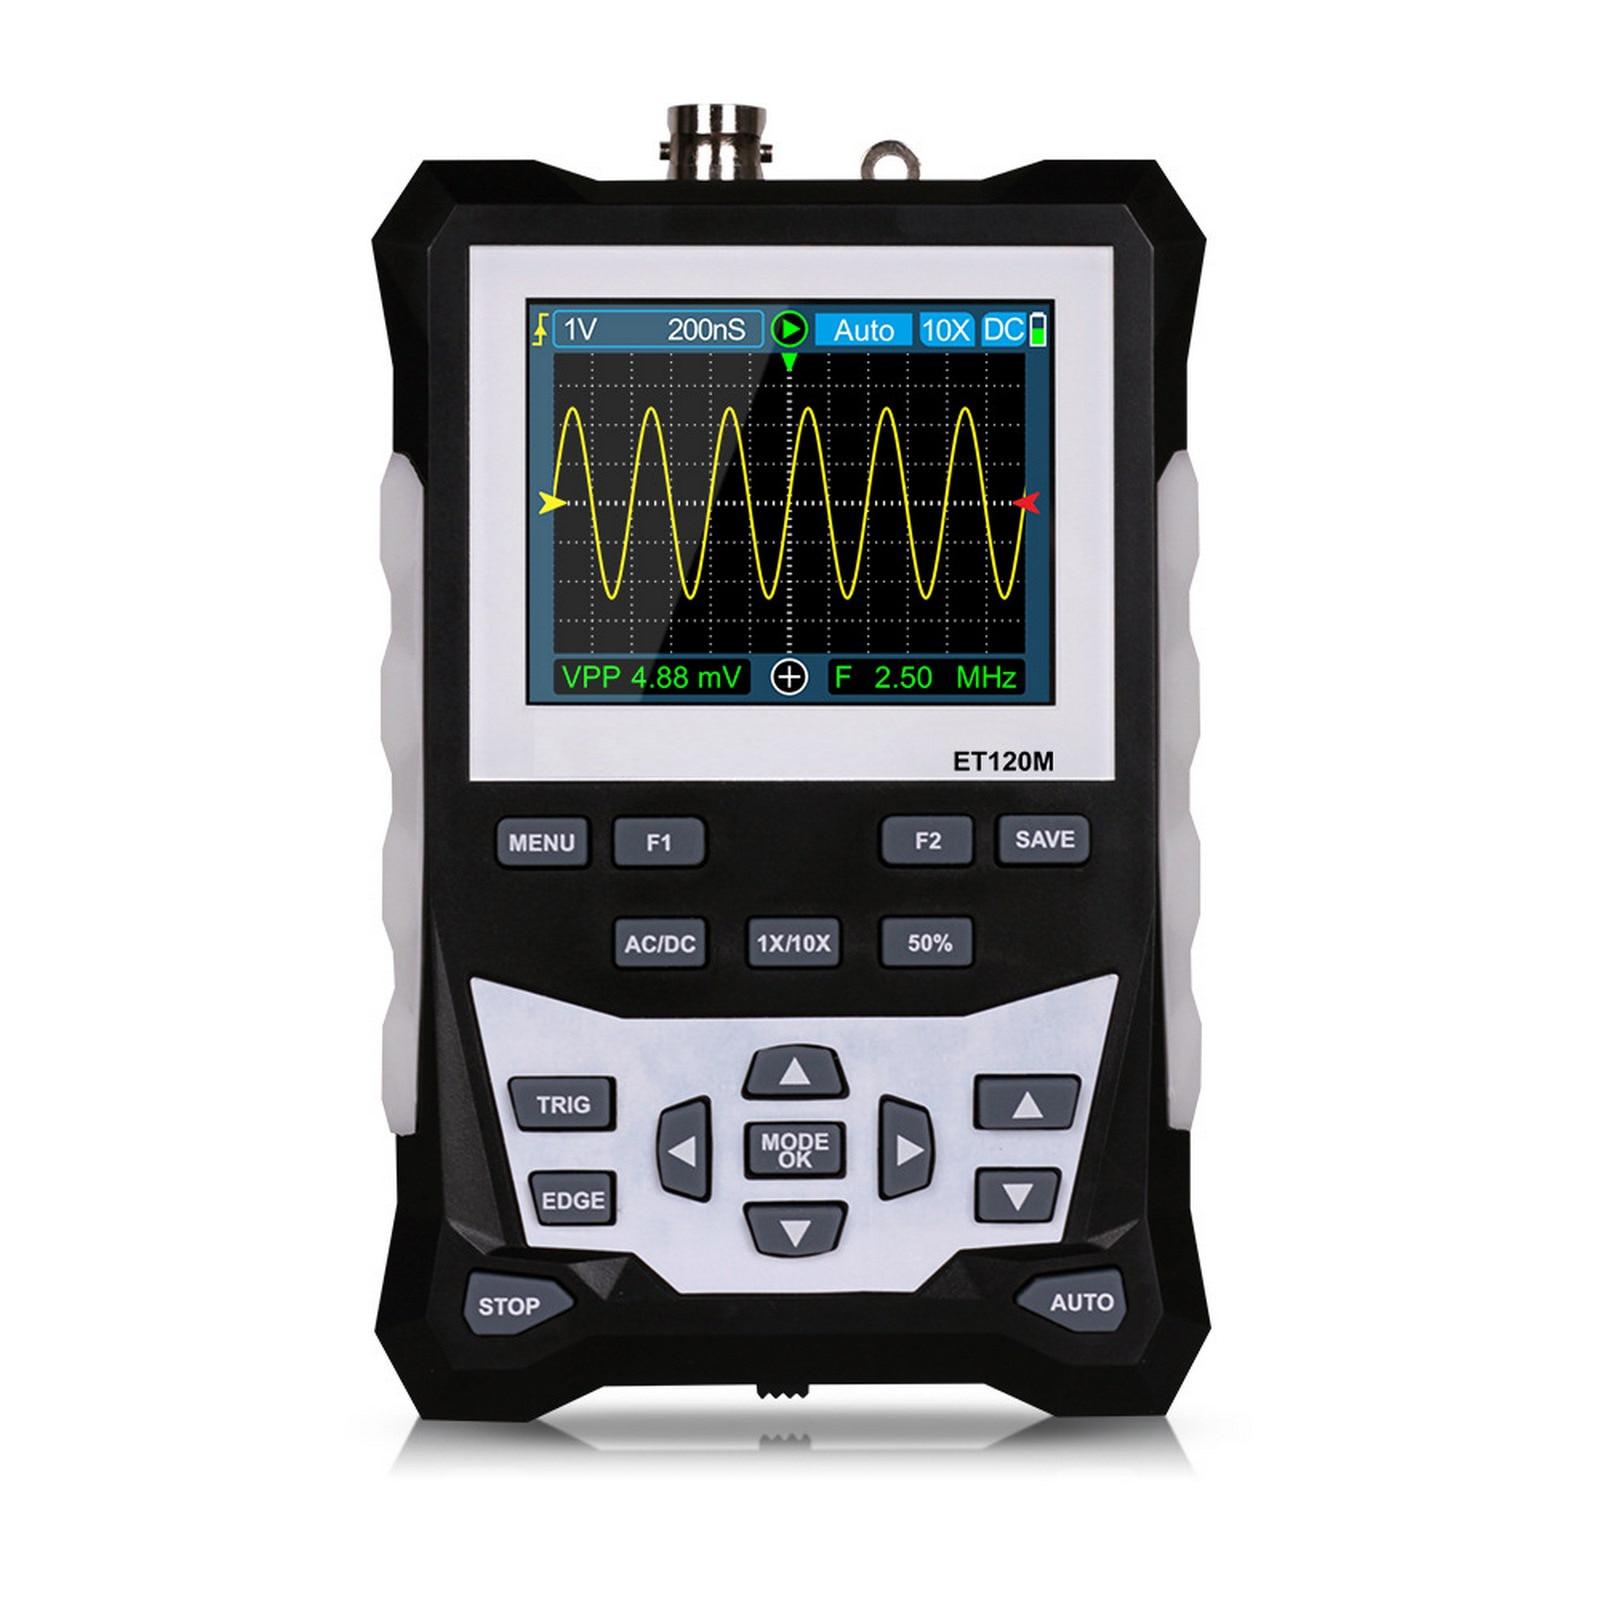 DS0120M ملتقط الذبذبات الرقمي 320x240 2.4 بوصة TFT شاشة راسم الذبذبات 120MHz عرض النطاق الترددي 500MSa/s معدل أخذ العينات الخلفية أداة